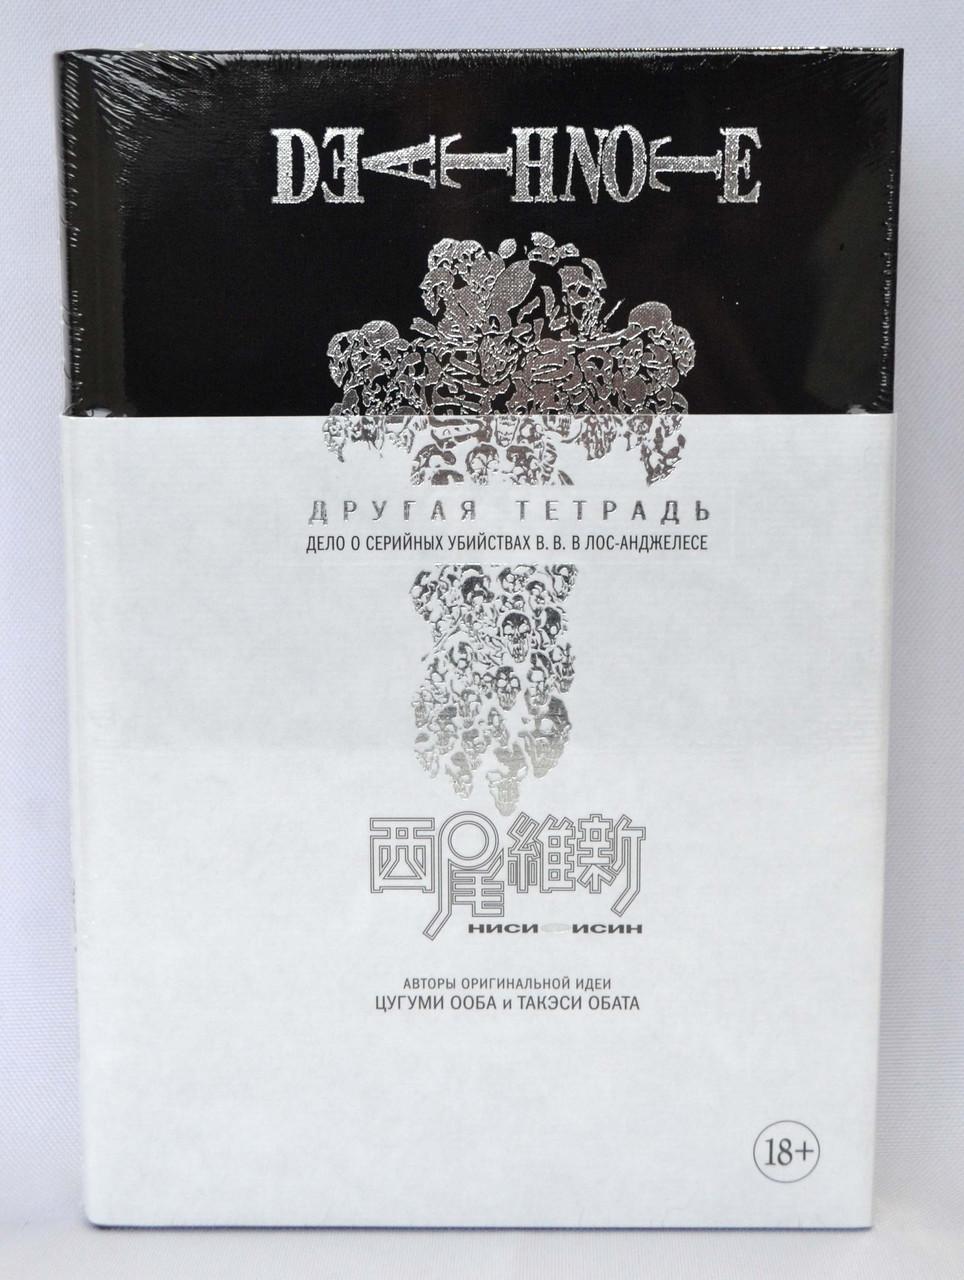 Ранобе Death Note. Другая тетрадь. Дело о серийных убийствах B.B. в Лос-Анджелесе